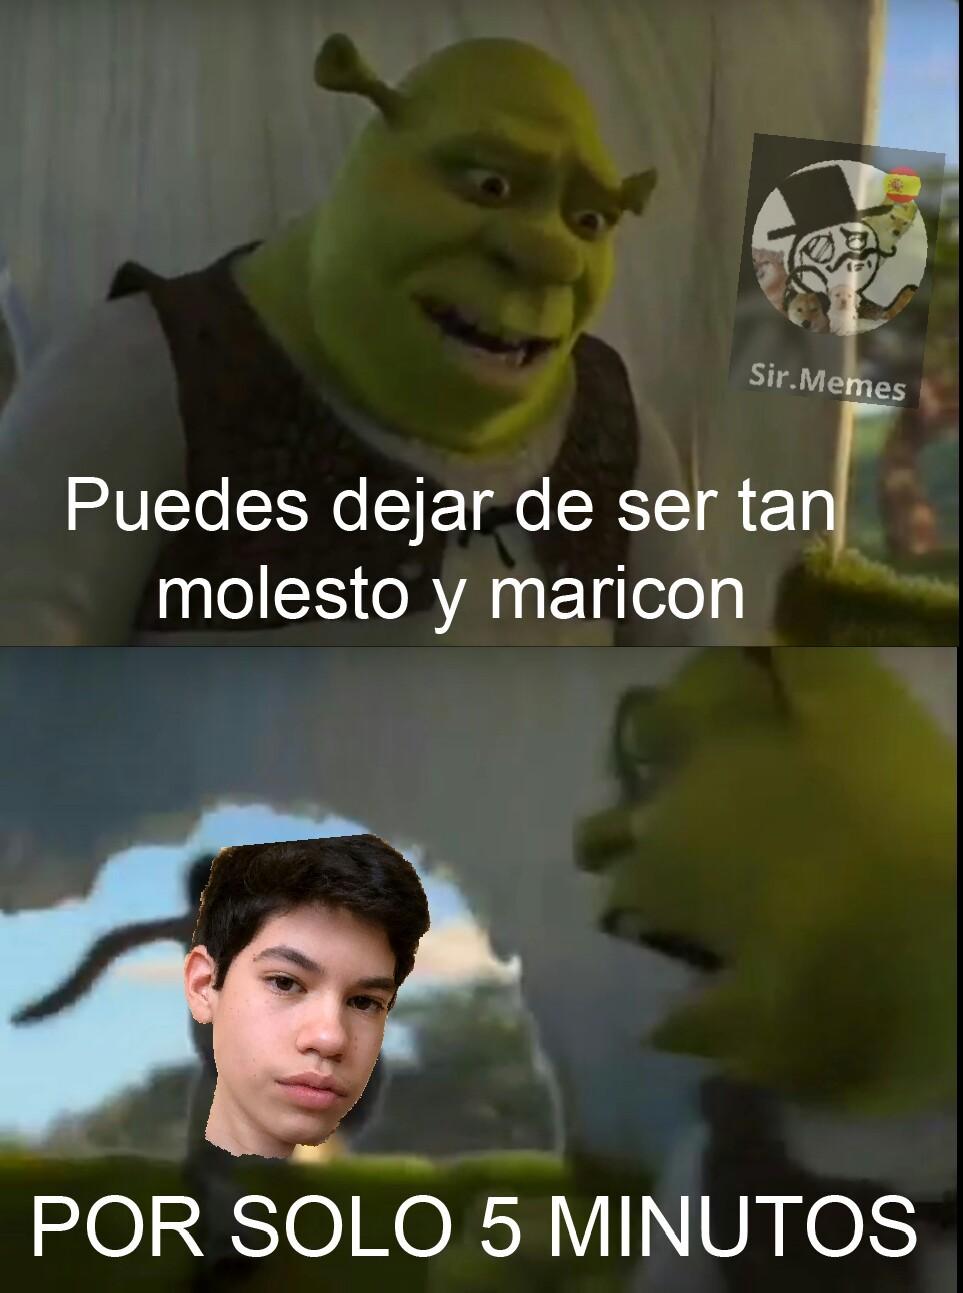 Bvzybcfj - meme